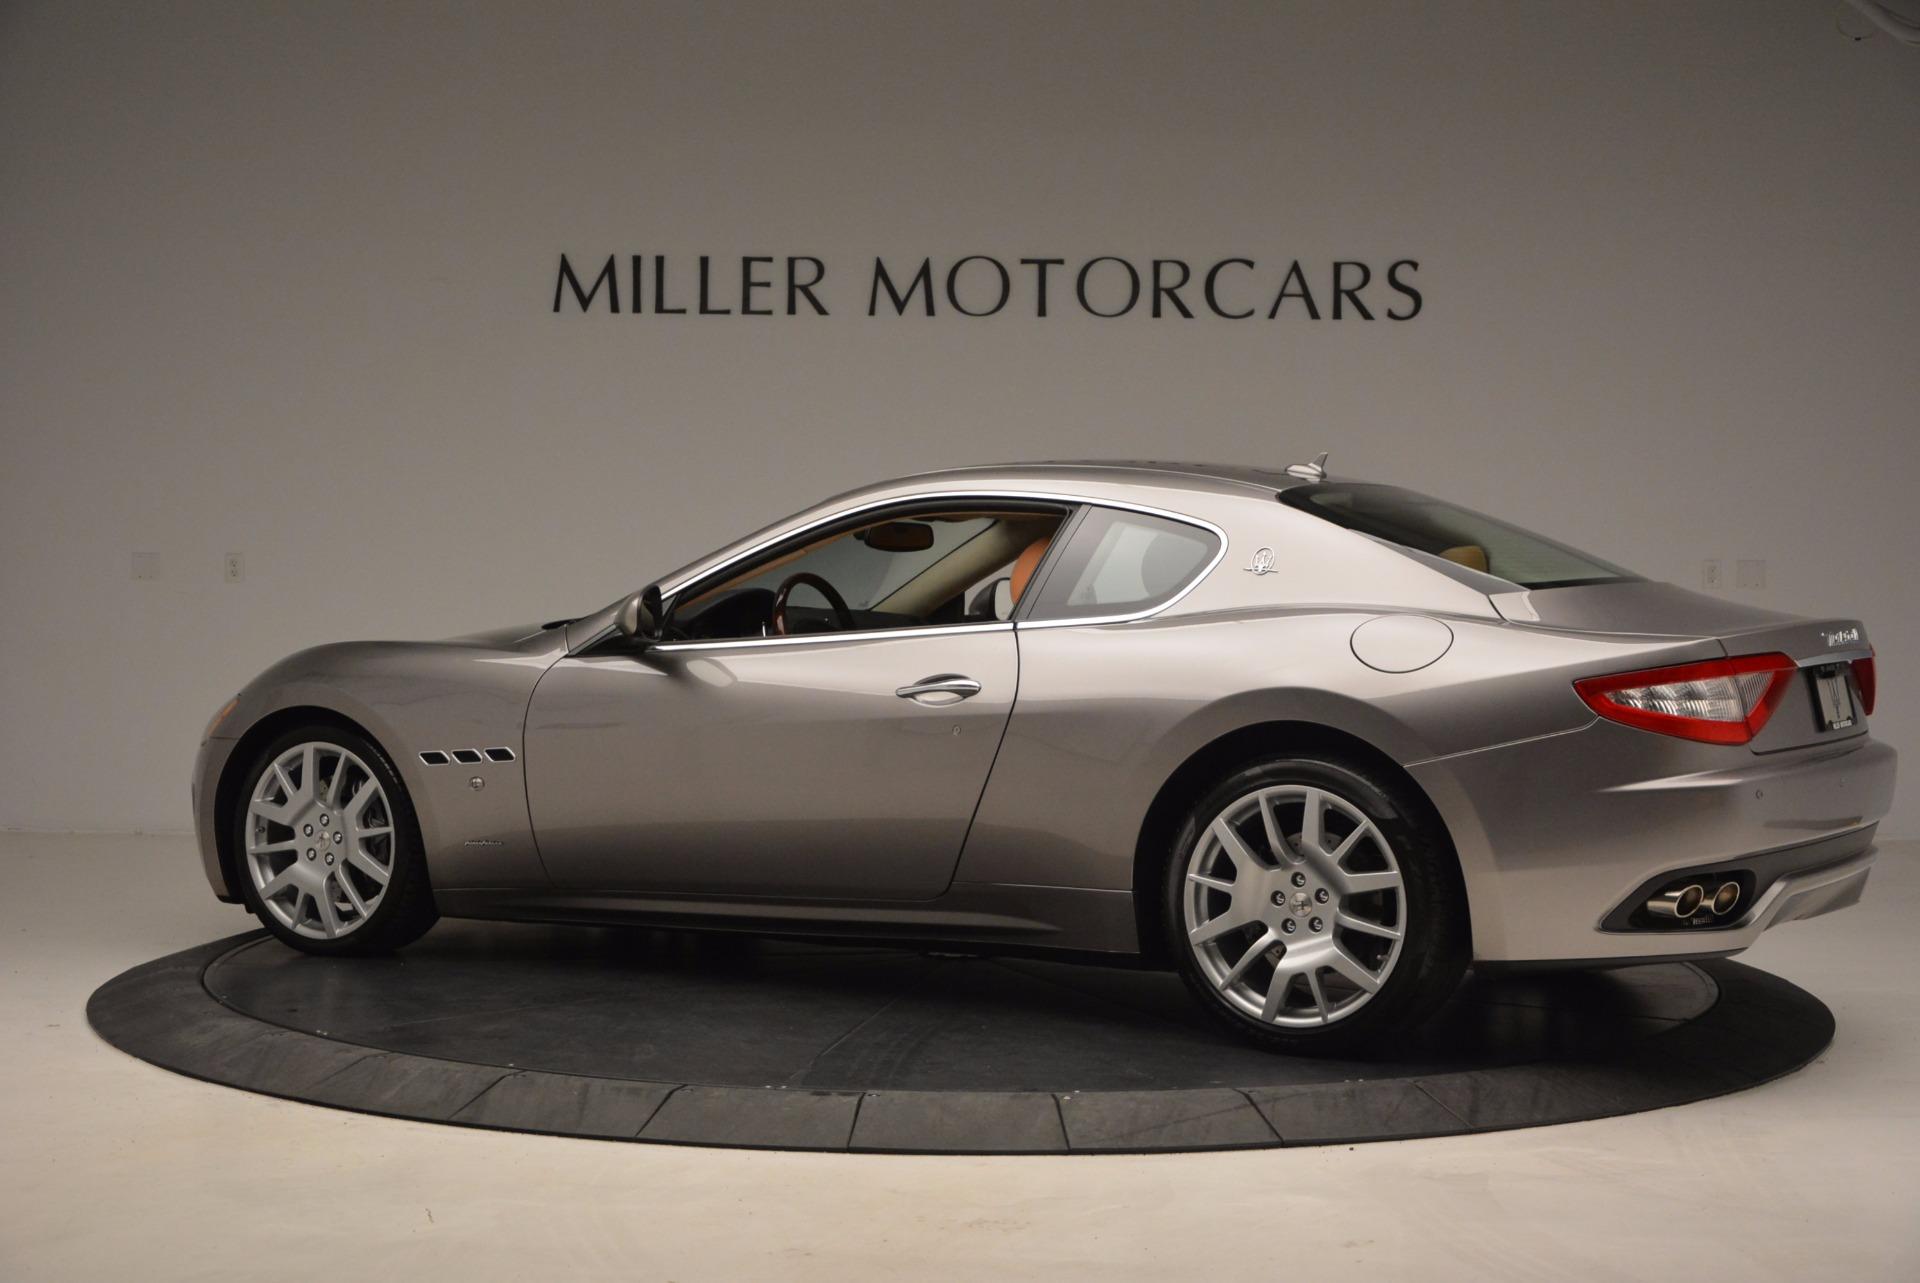 Used 2009 Maserati GranTurismo S For Sale In Greenwich, CT. Alfa Romeo of Greenwich, 7178 1063_p4